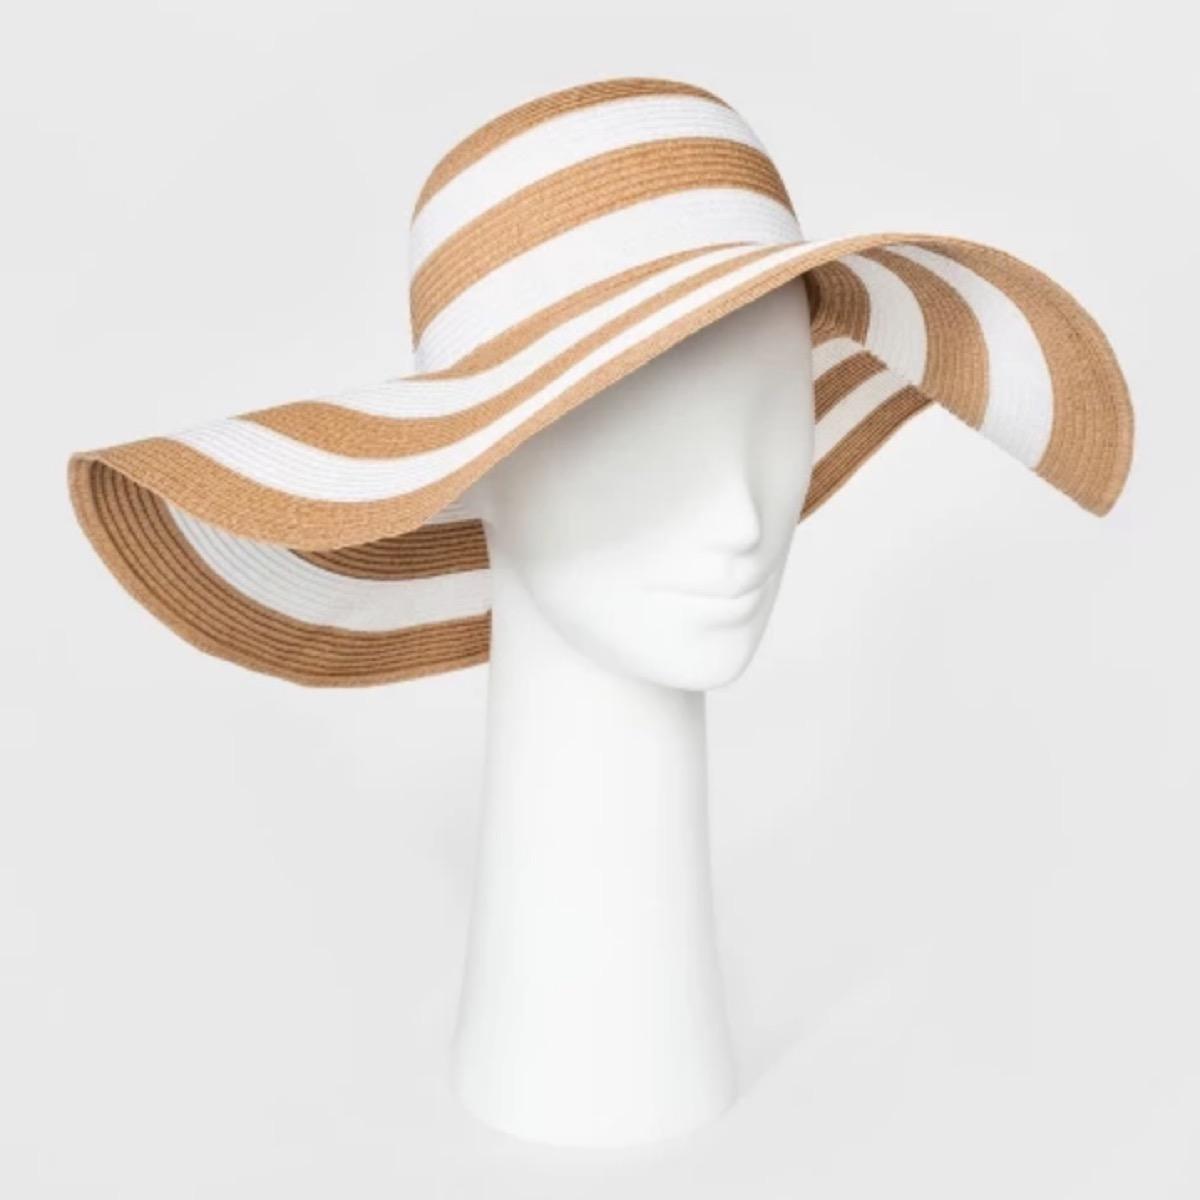 striped sun hat, target beach essentials